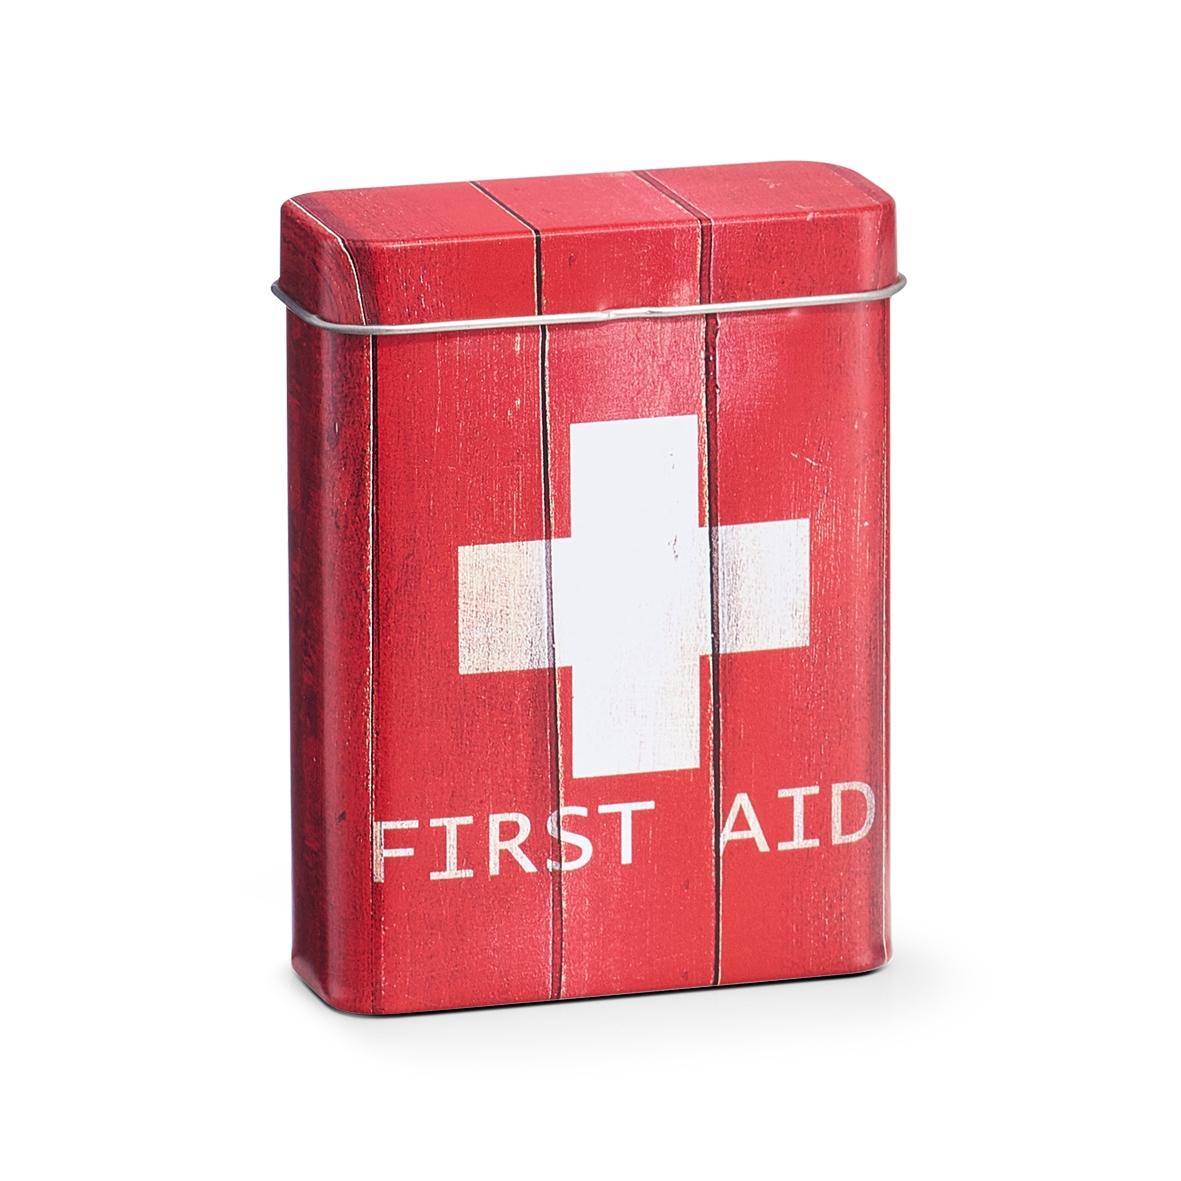 Cutie pentru depozitarea medicamentelor, First Aid, Metal Red, l7,1xA2,8xH9,4 cm( 474693)